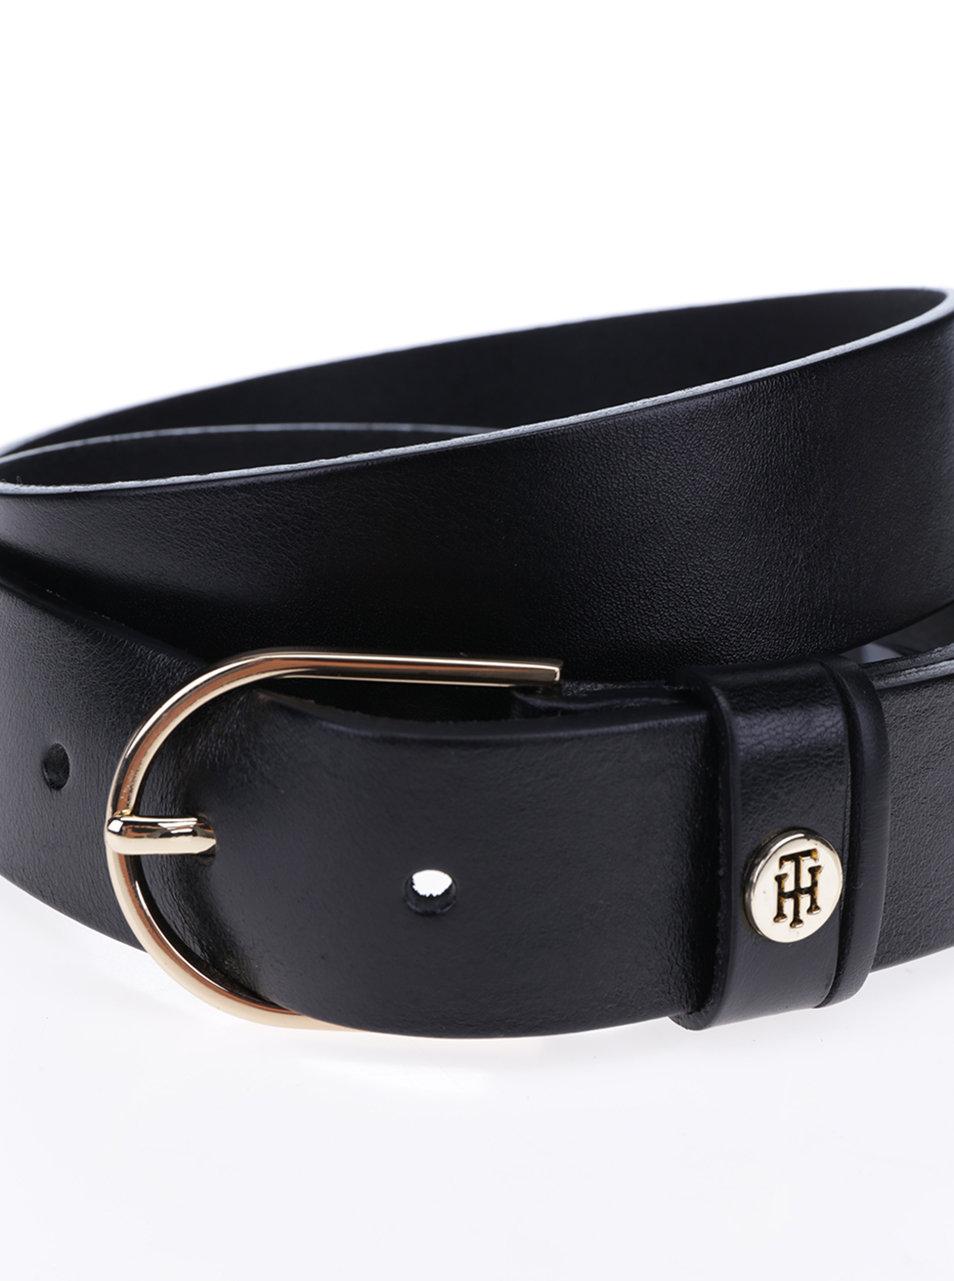 Čierny dámsky kožený opasok Tommy Hilfiger Classic ... d1d5af84063